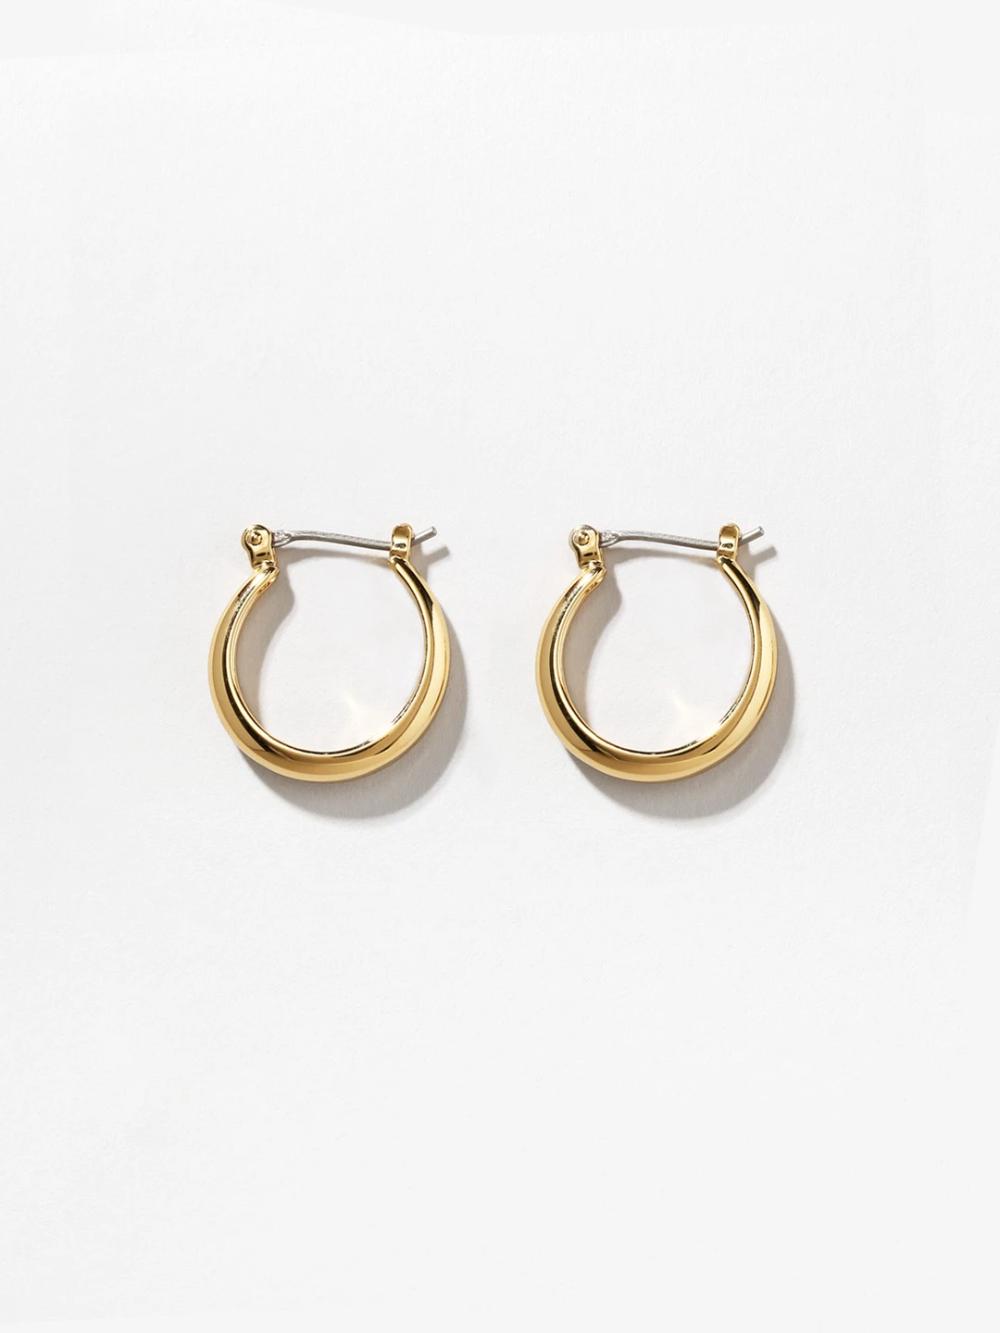 Endless Gold Hoop Earrings Venus In 2021 Gold Hoop Earrings Gold Hoops Hoop Earrings